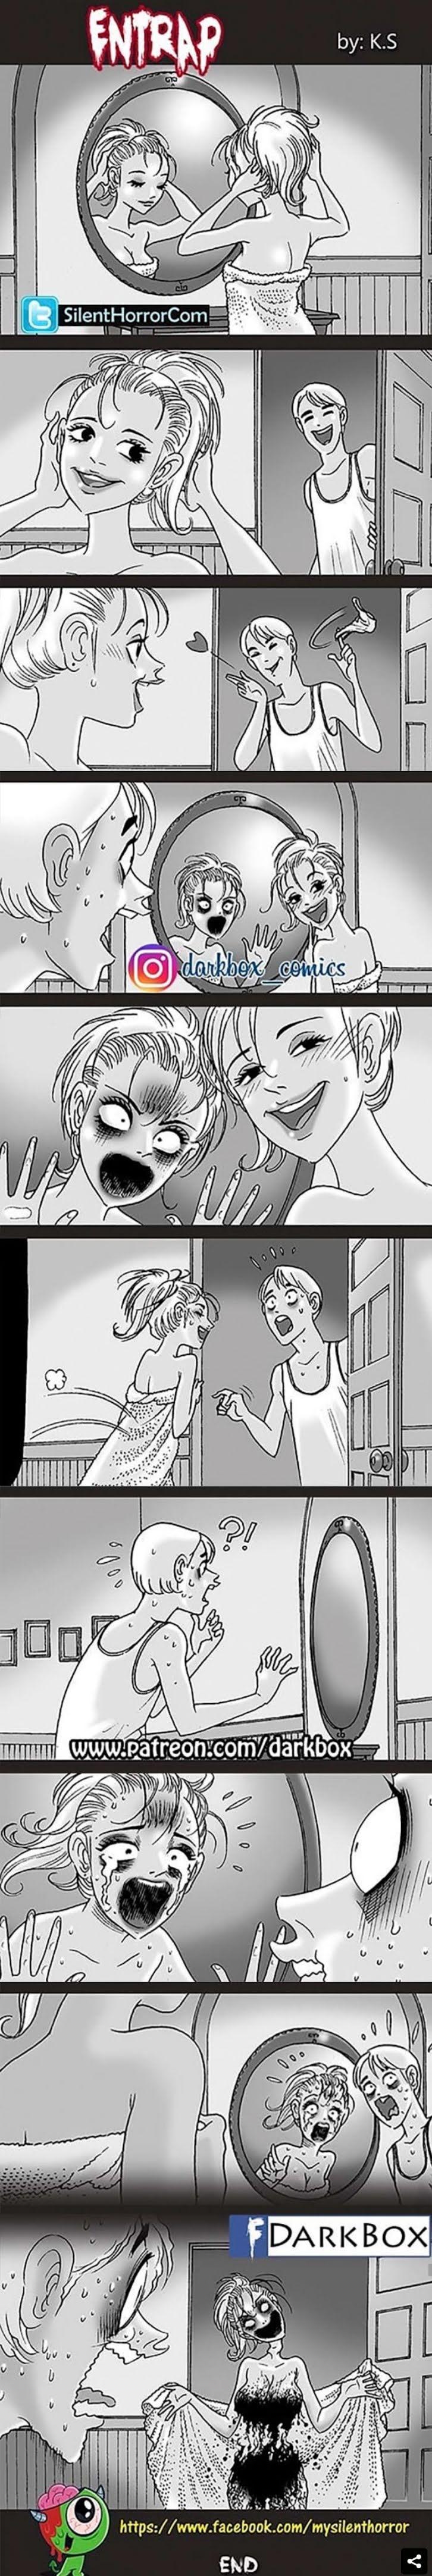 silent-horror-fumetti-di-terrorismo-04